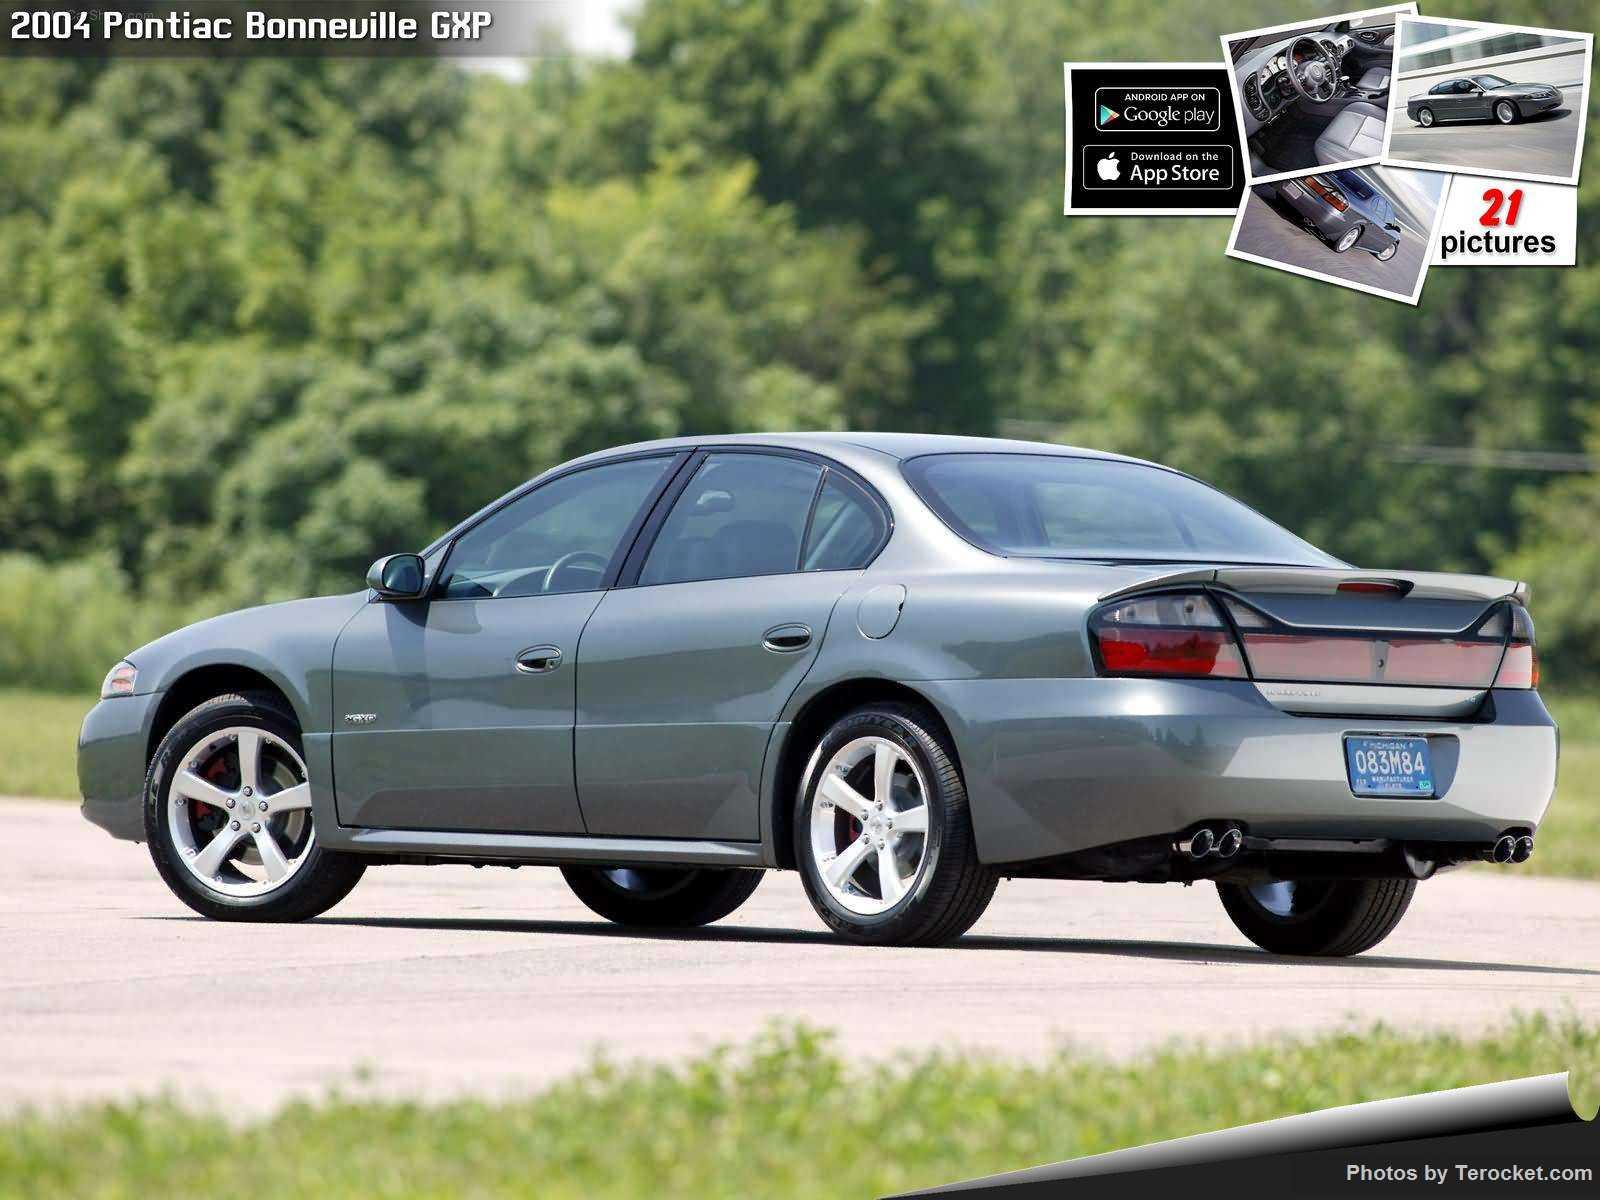 Hình ảnh xe ô tô Pontiac Bonneville GXP 2004 & nội ngoại thất